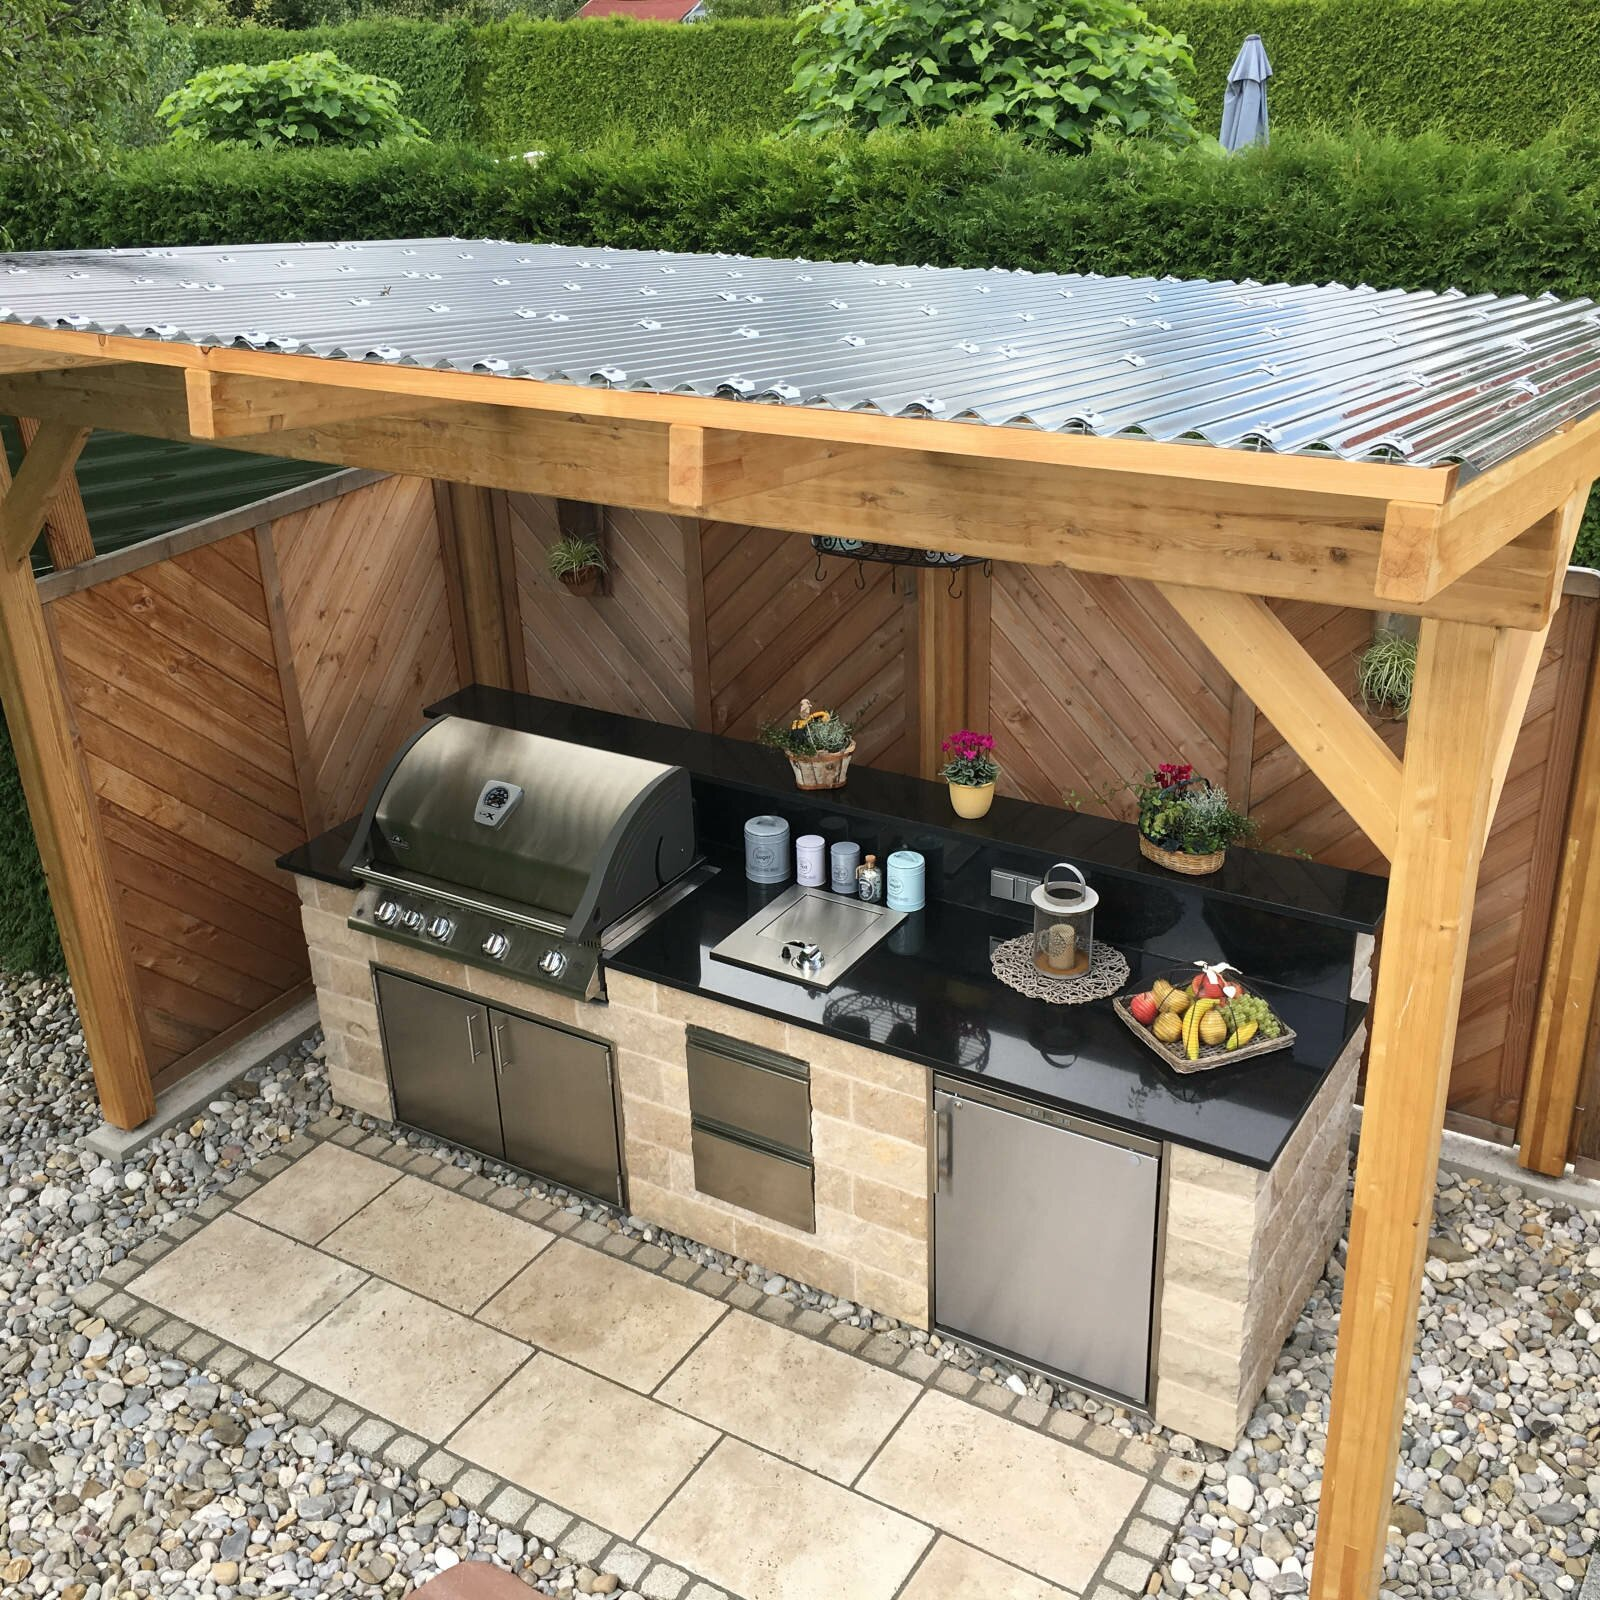 Diy Outdoor Kitchen On Deck: Selbstgebaute Außenküche Mit Napoleon Einbaugrill